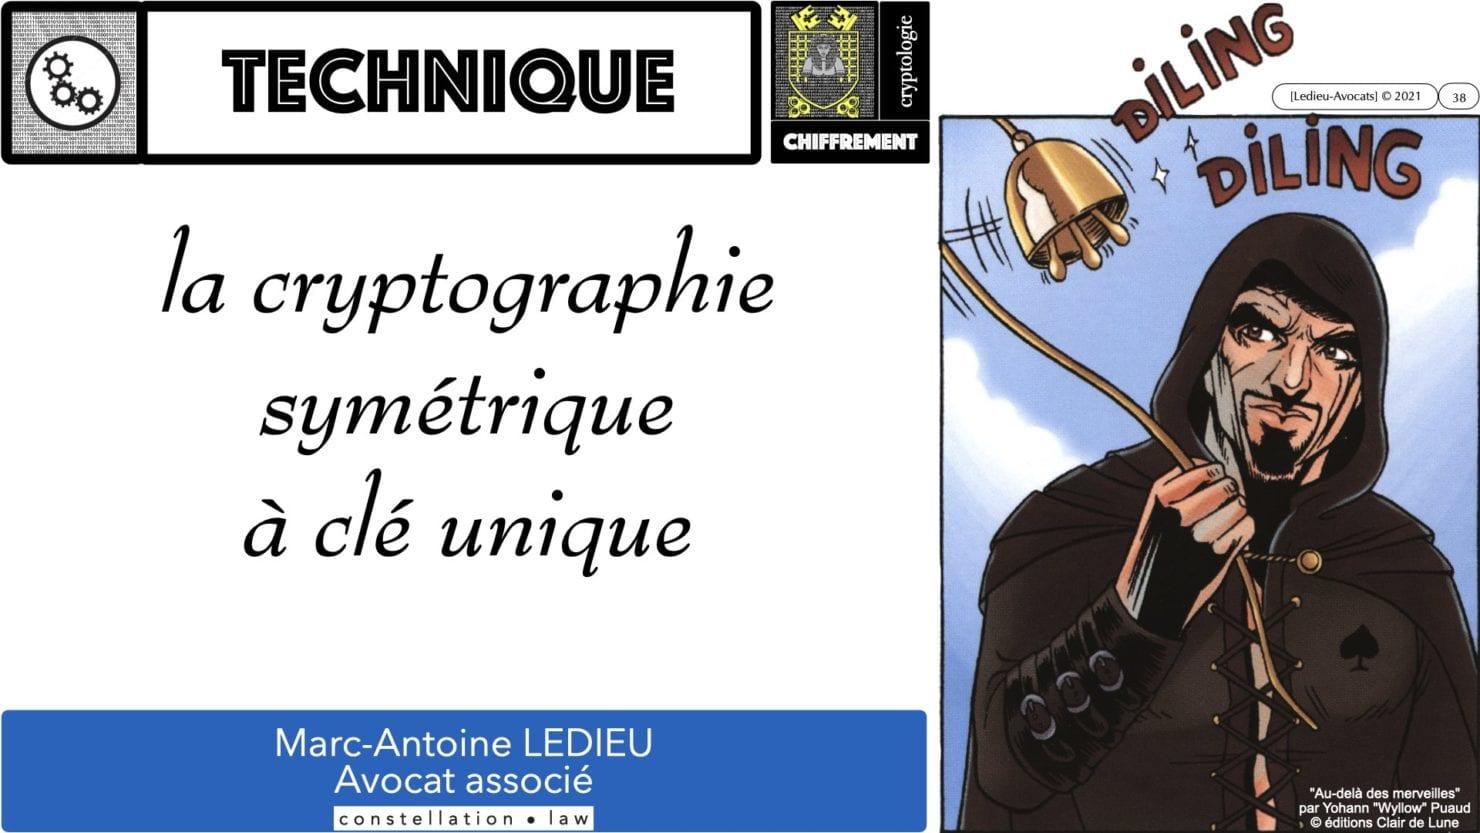 341 chiffrement cryptographie symetrique asymetrique hachage cryptographique TECHNIQUE JURIDIQUE © Ledieu-Avocat 12-07-2021.038